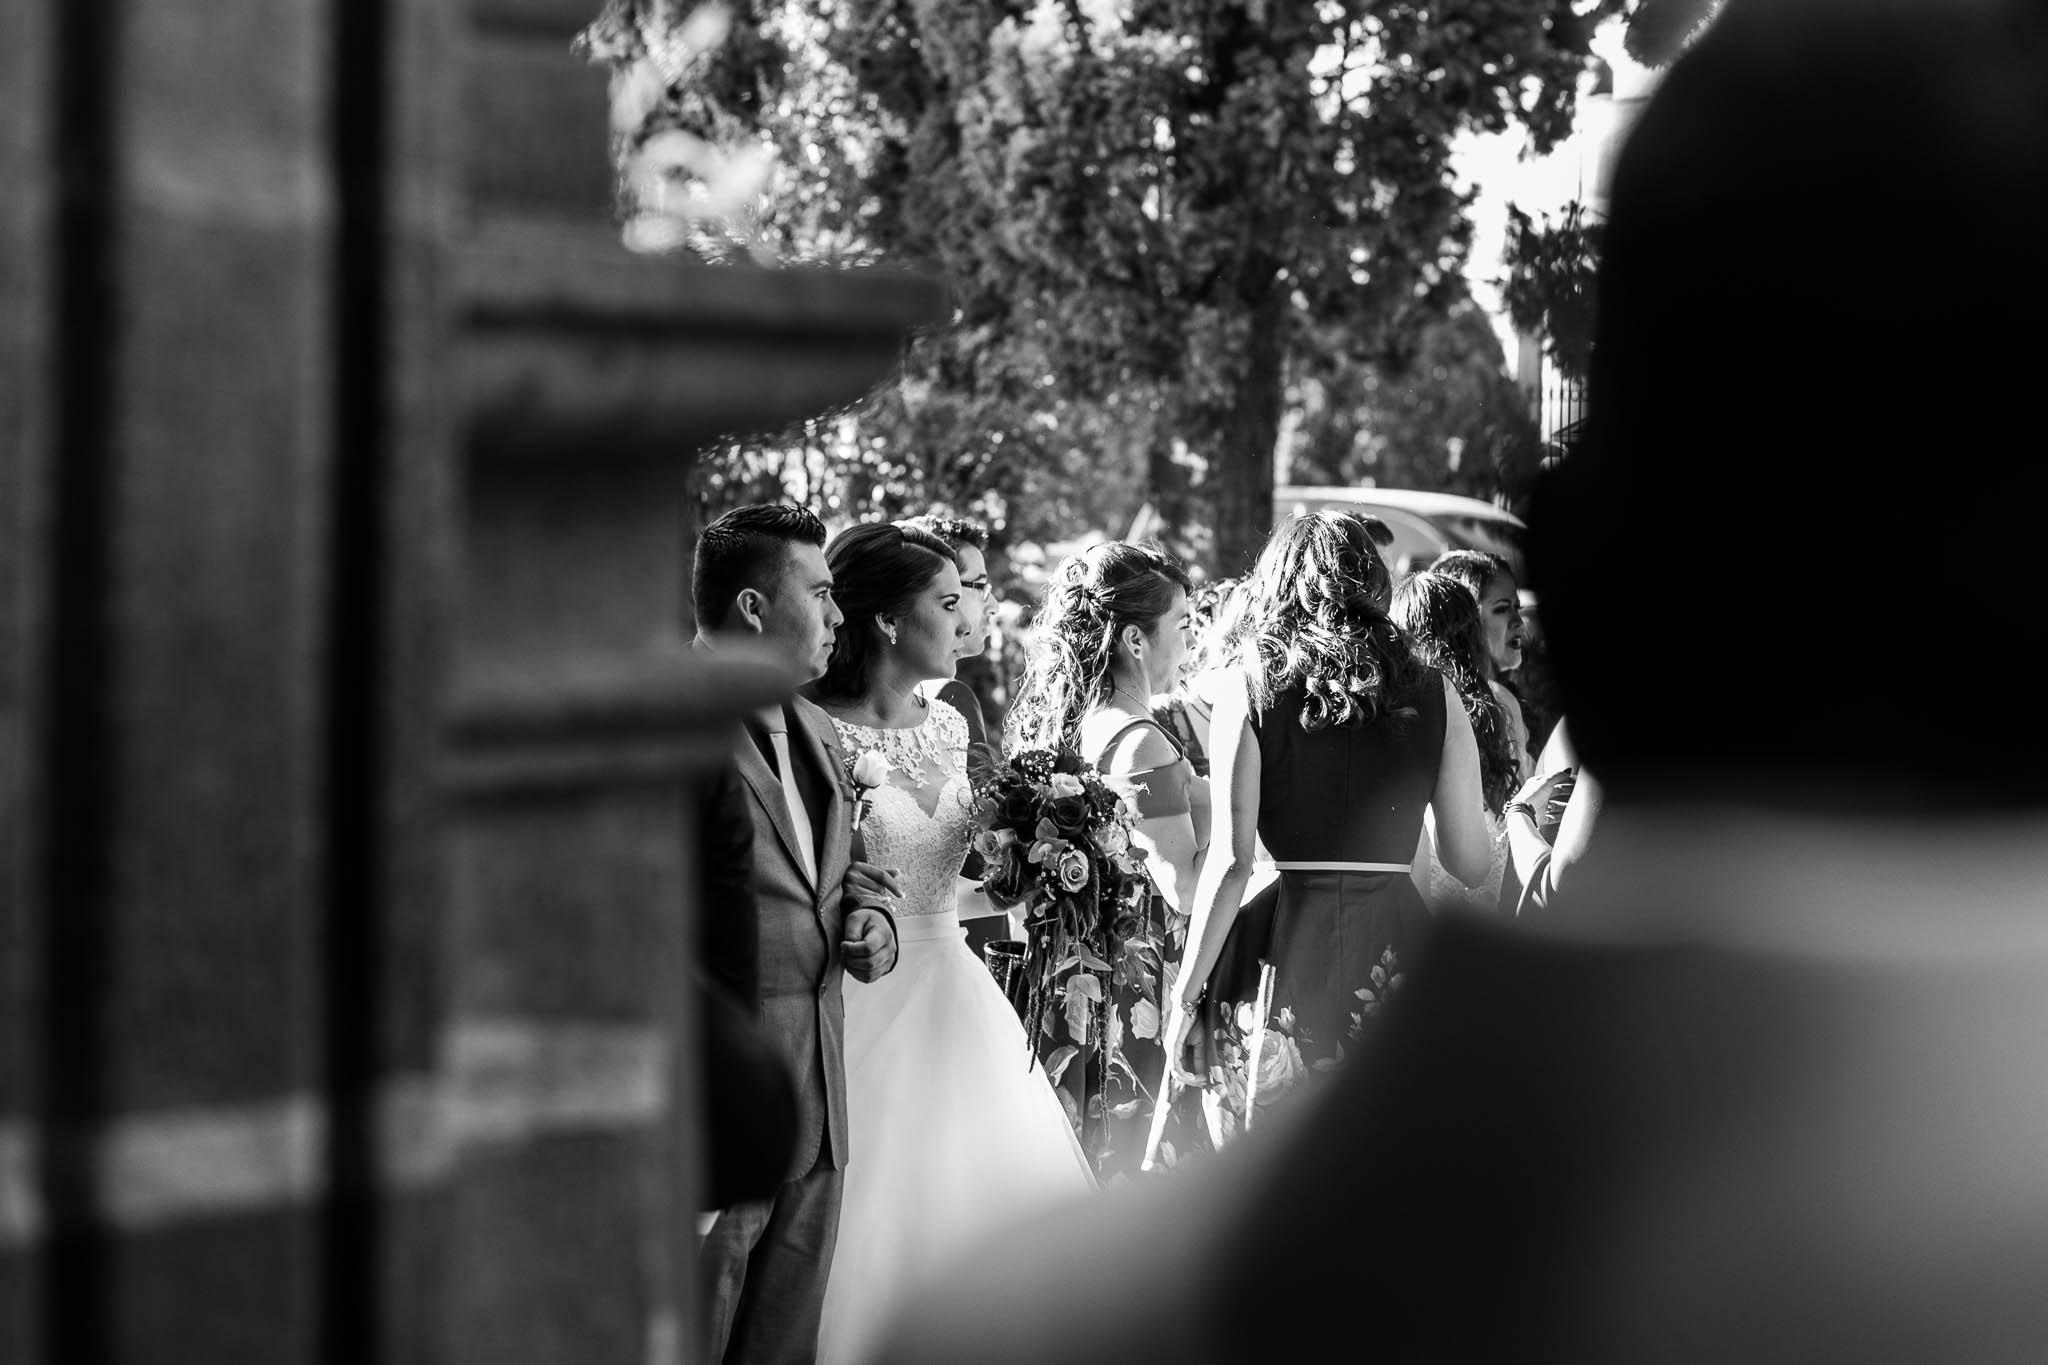 fotografo de bodas san luis potosi boda mexico wedding destination fotos de boda 71